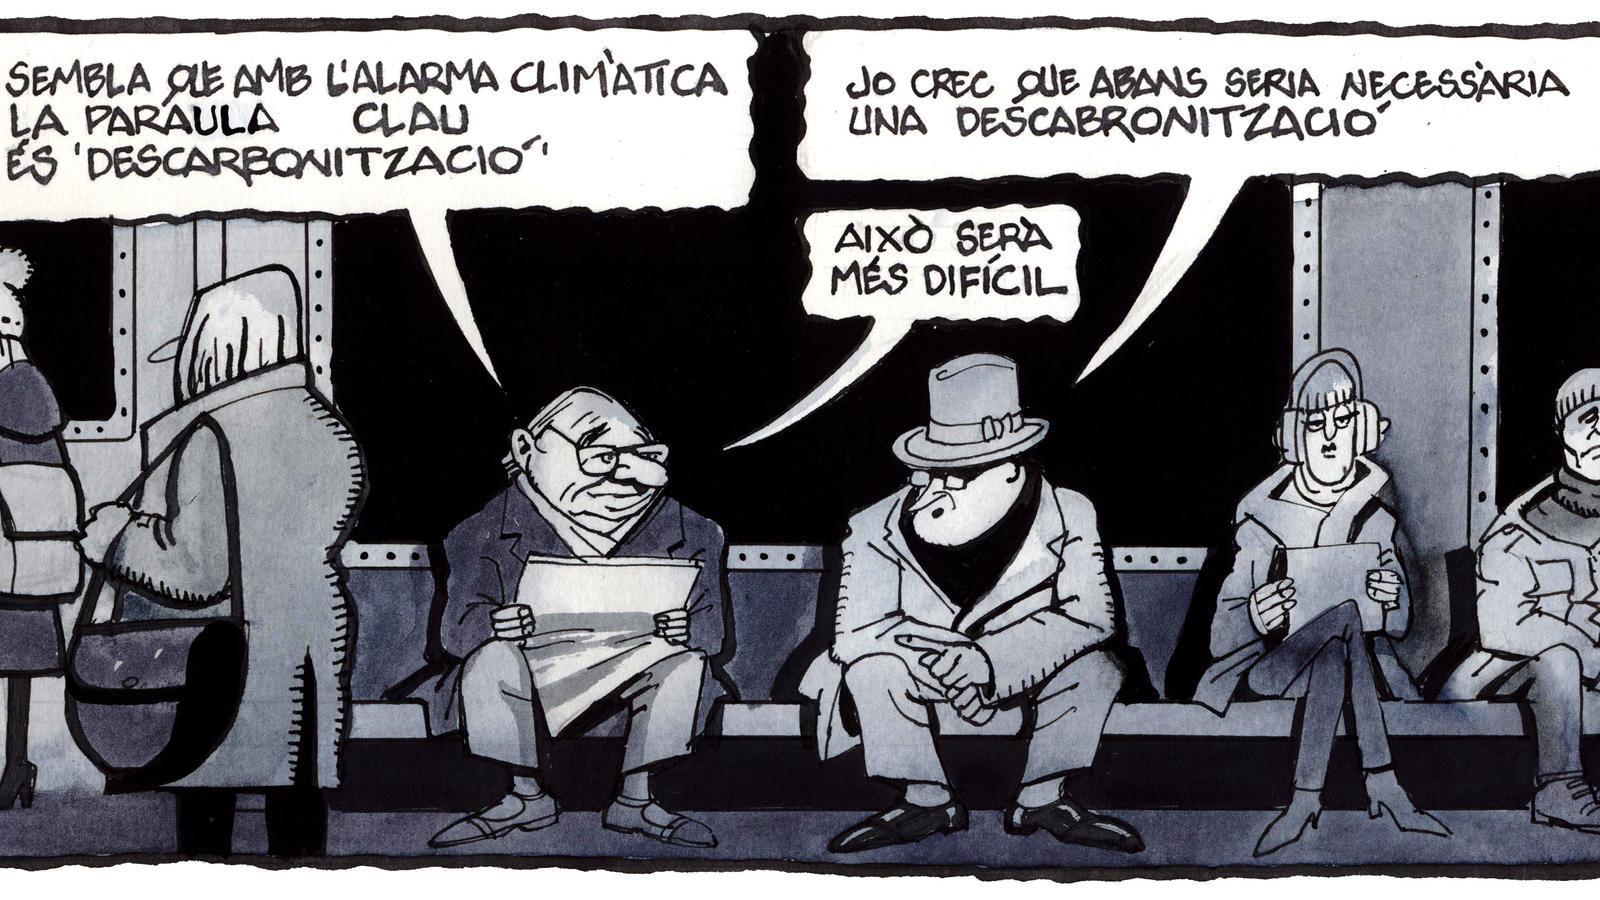 'A la contra', per Ferreres 14/12/2019